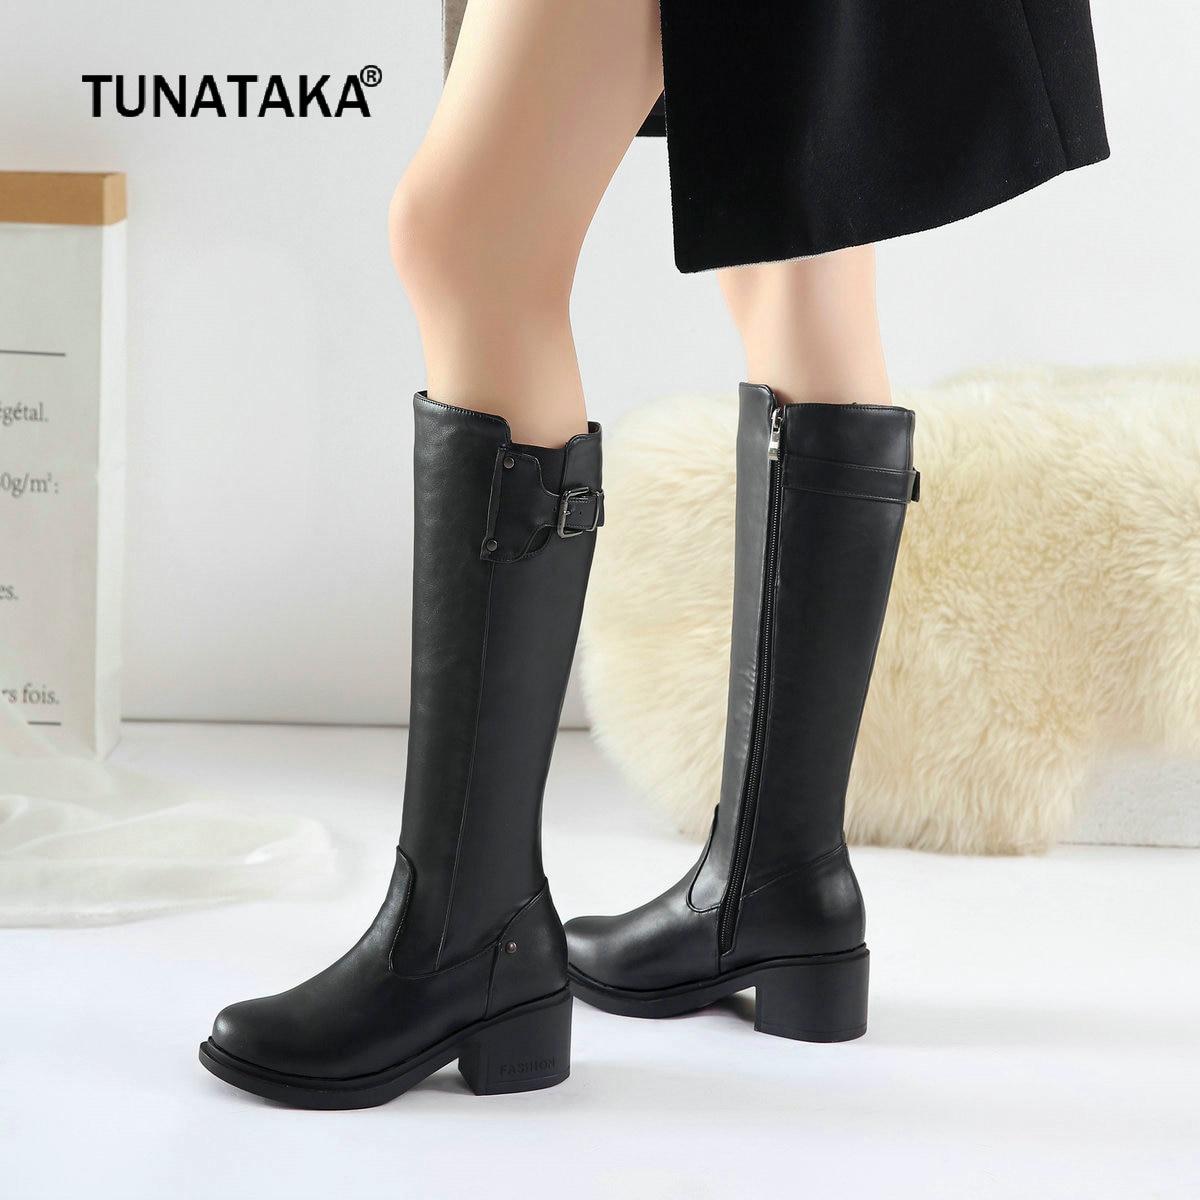 899f1ade2 Хорошо продажа Для женщин сапоги до колена удобные толстый каблук ботинки  на молнии женские осень зима Модная женская обувь плюс Размеры... дешево